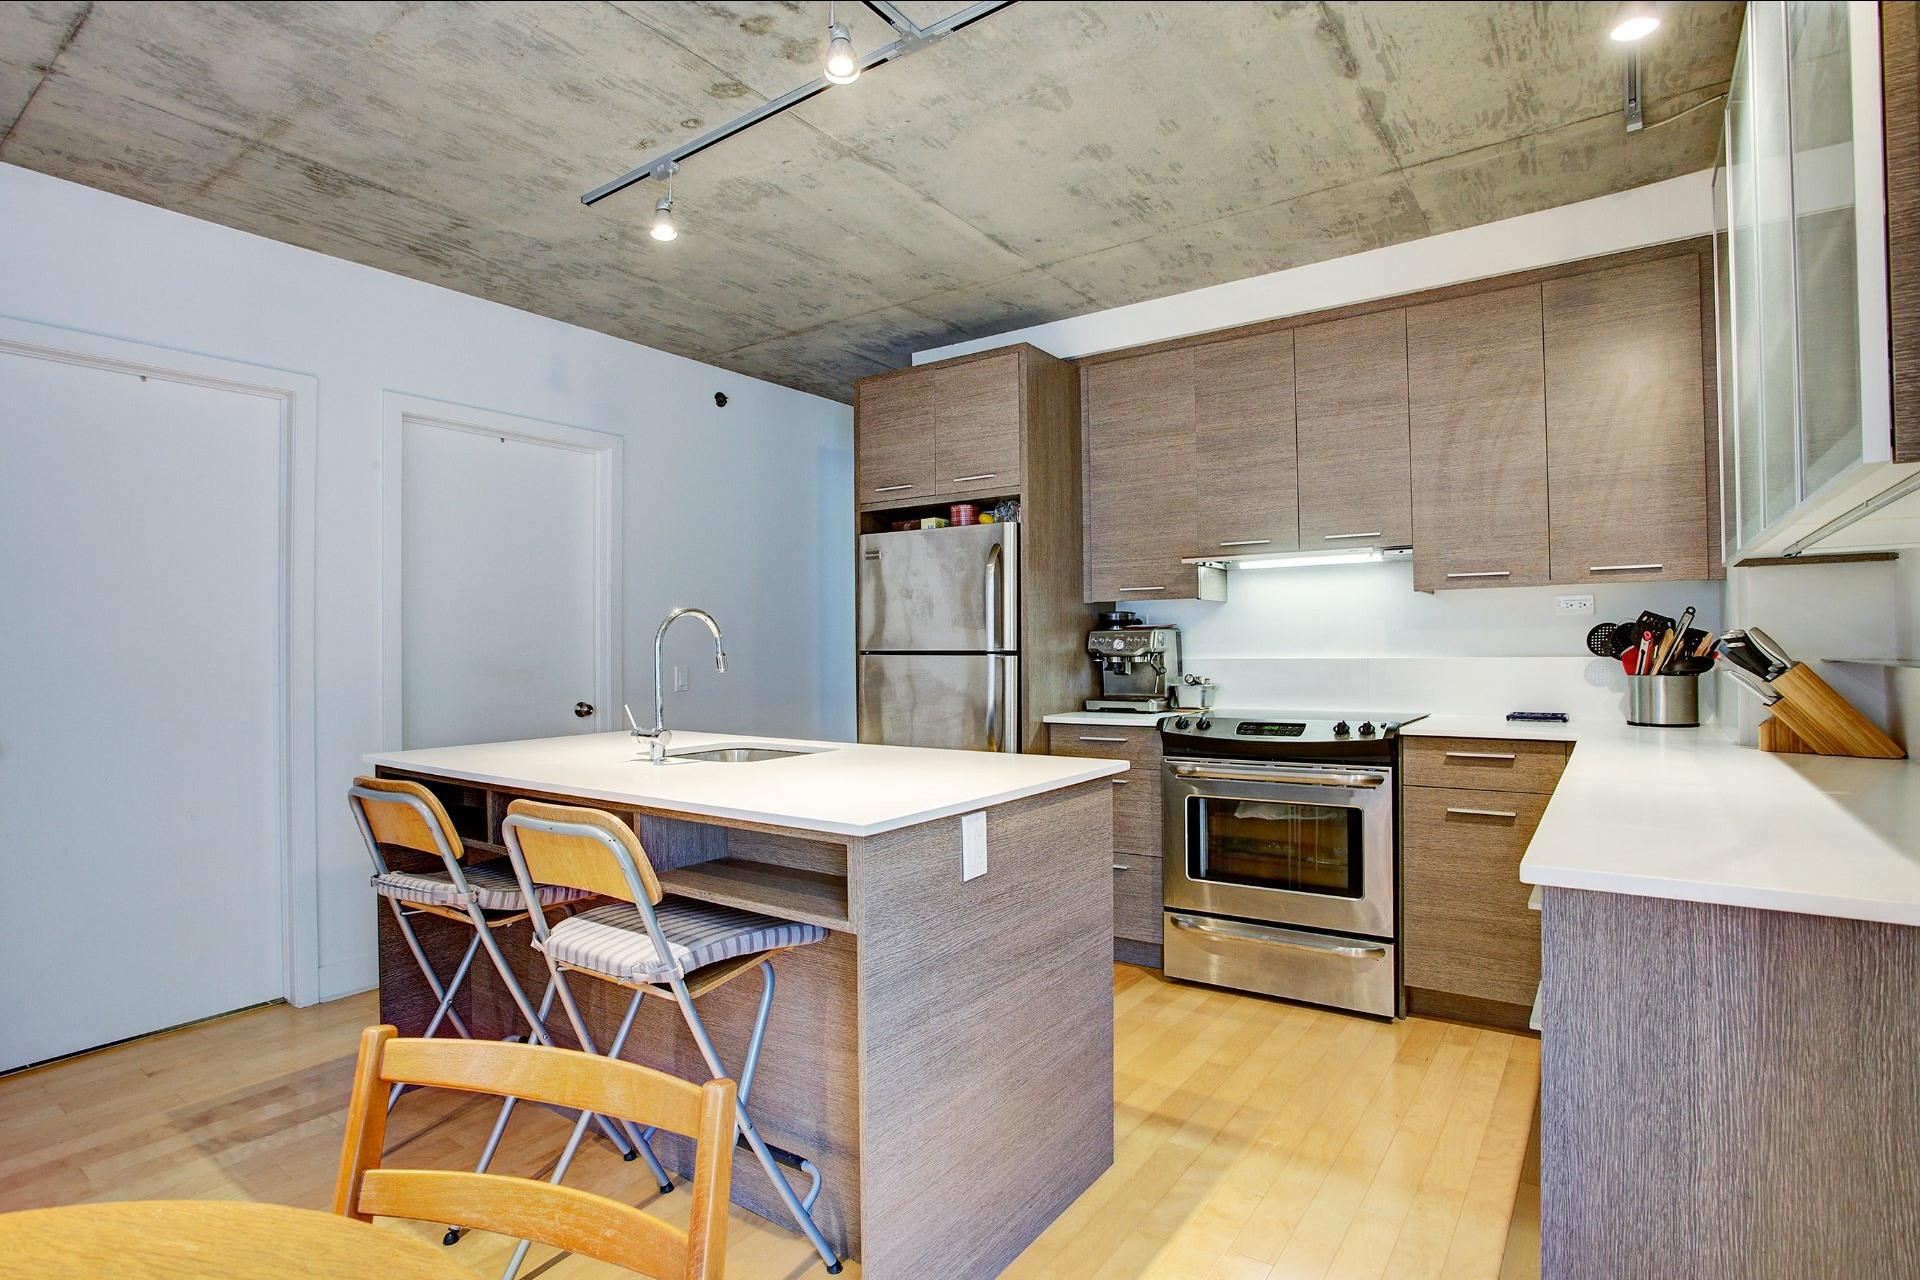 image 2 - 公寓 出售 Montréal Le Sud-Ouest  - 4 室